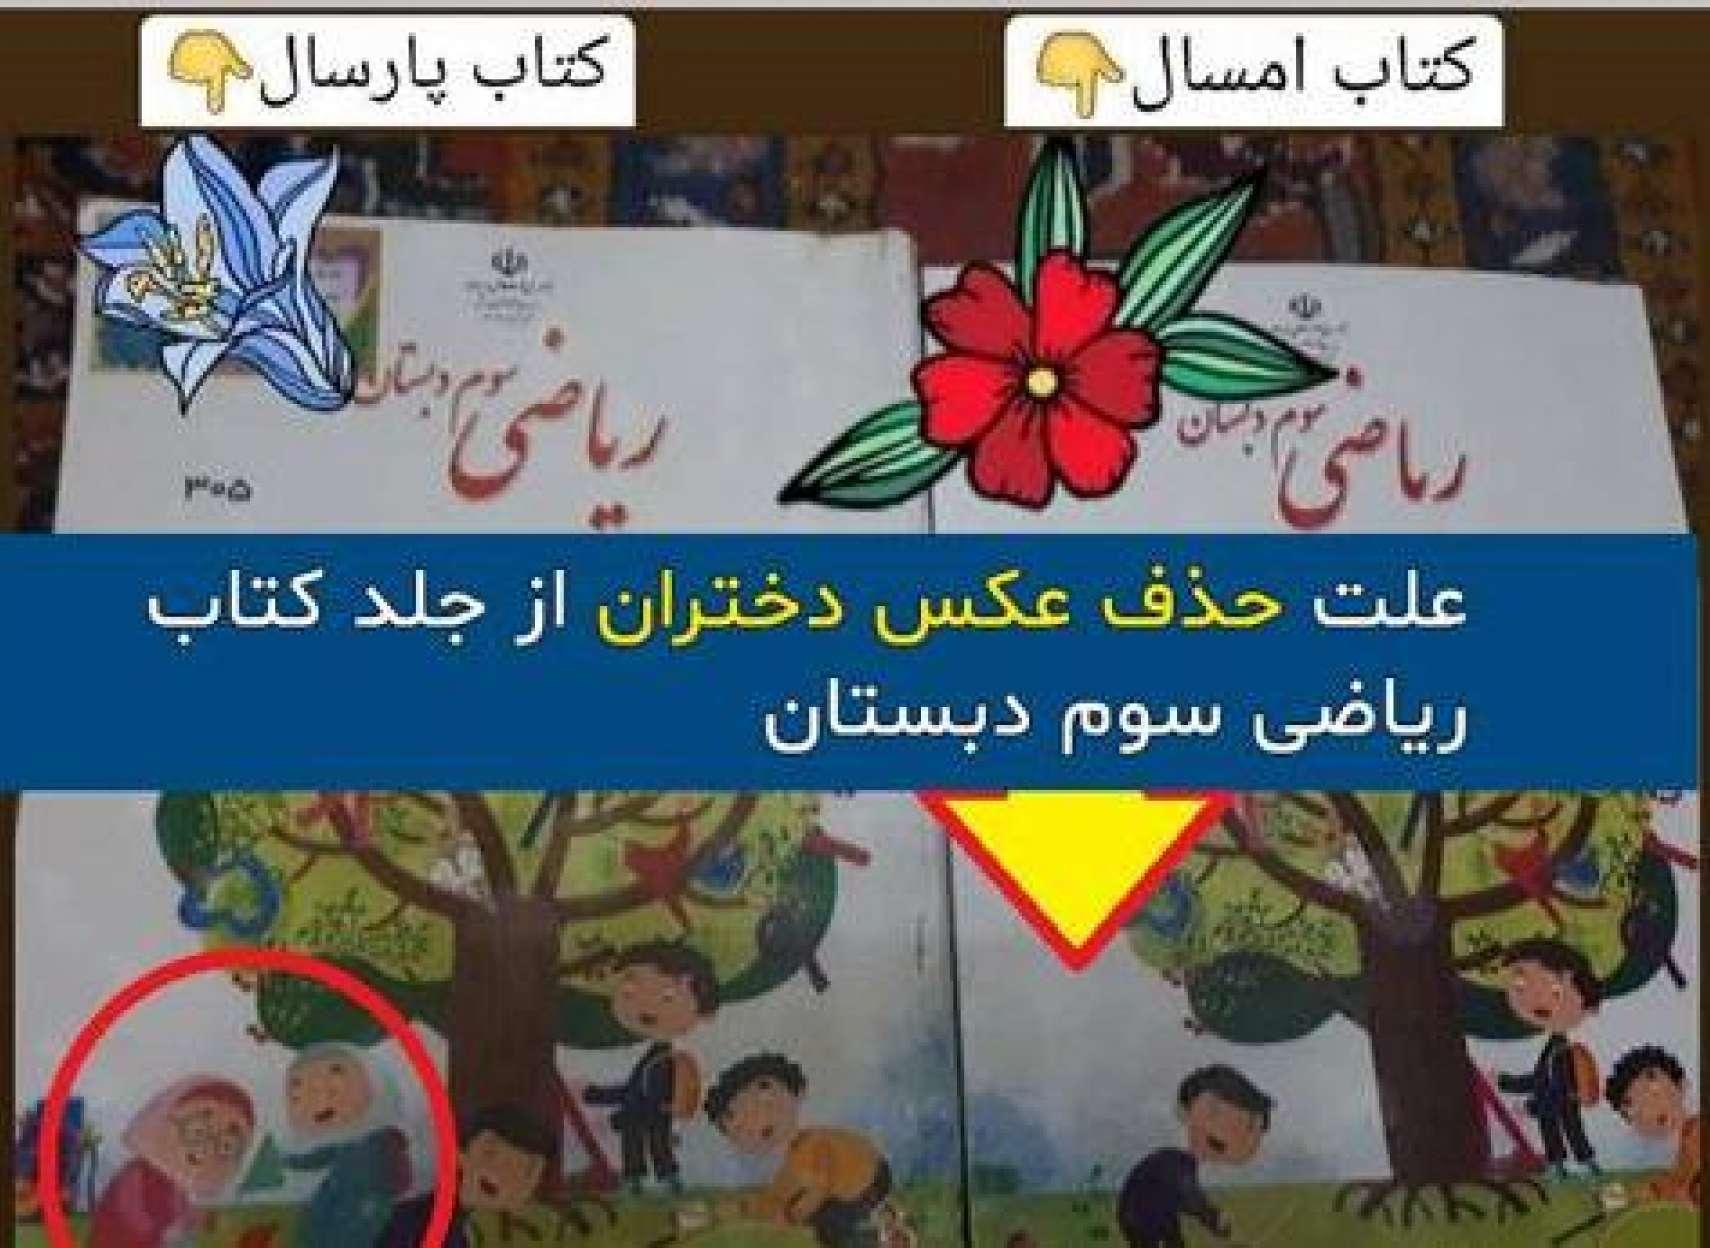 دخترها-از-جلد-کتاب-ریاضی-دبستان-در-ایران-حذف-شدند-دغدغه-ها-و-نگرانیهای-رهبر- جمهوری-اسلامی-درباره-آموزش-و-پرورش-چیست